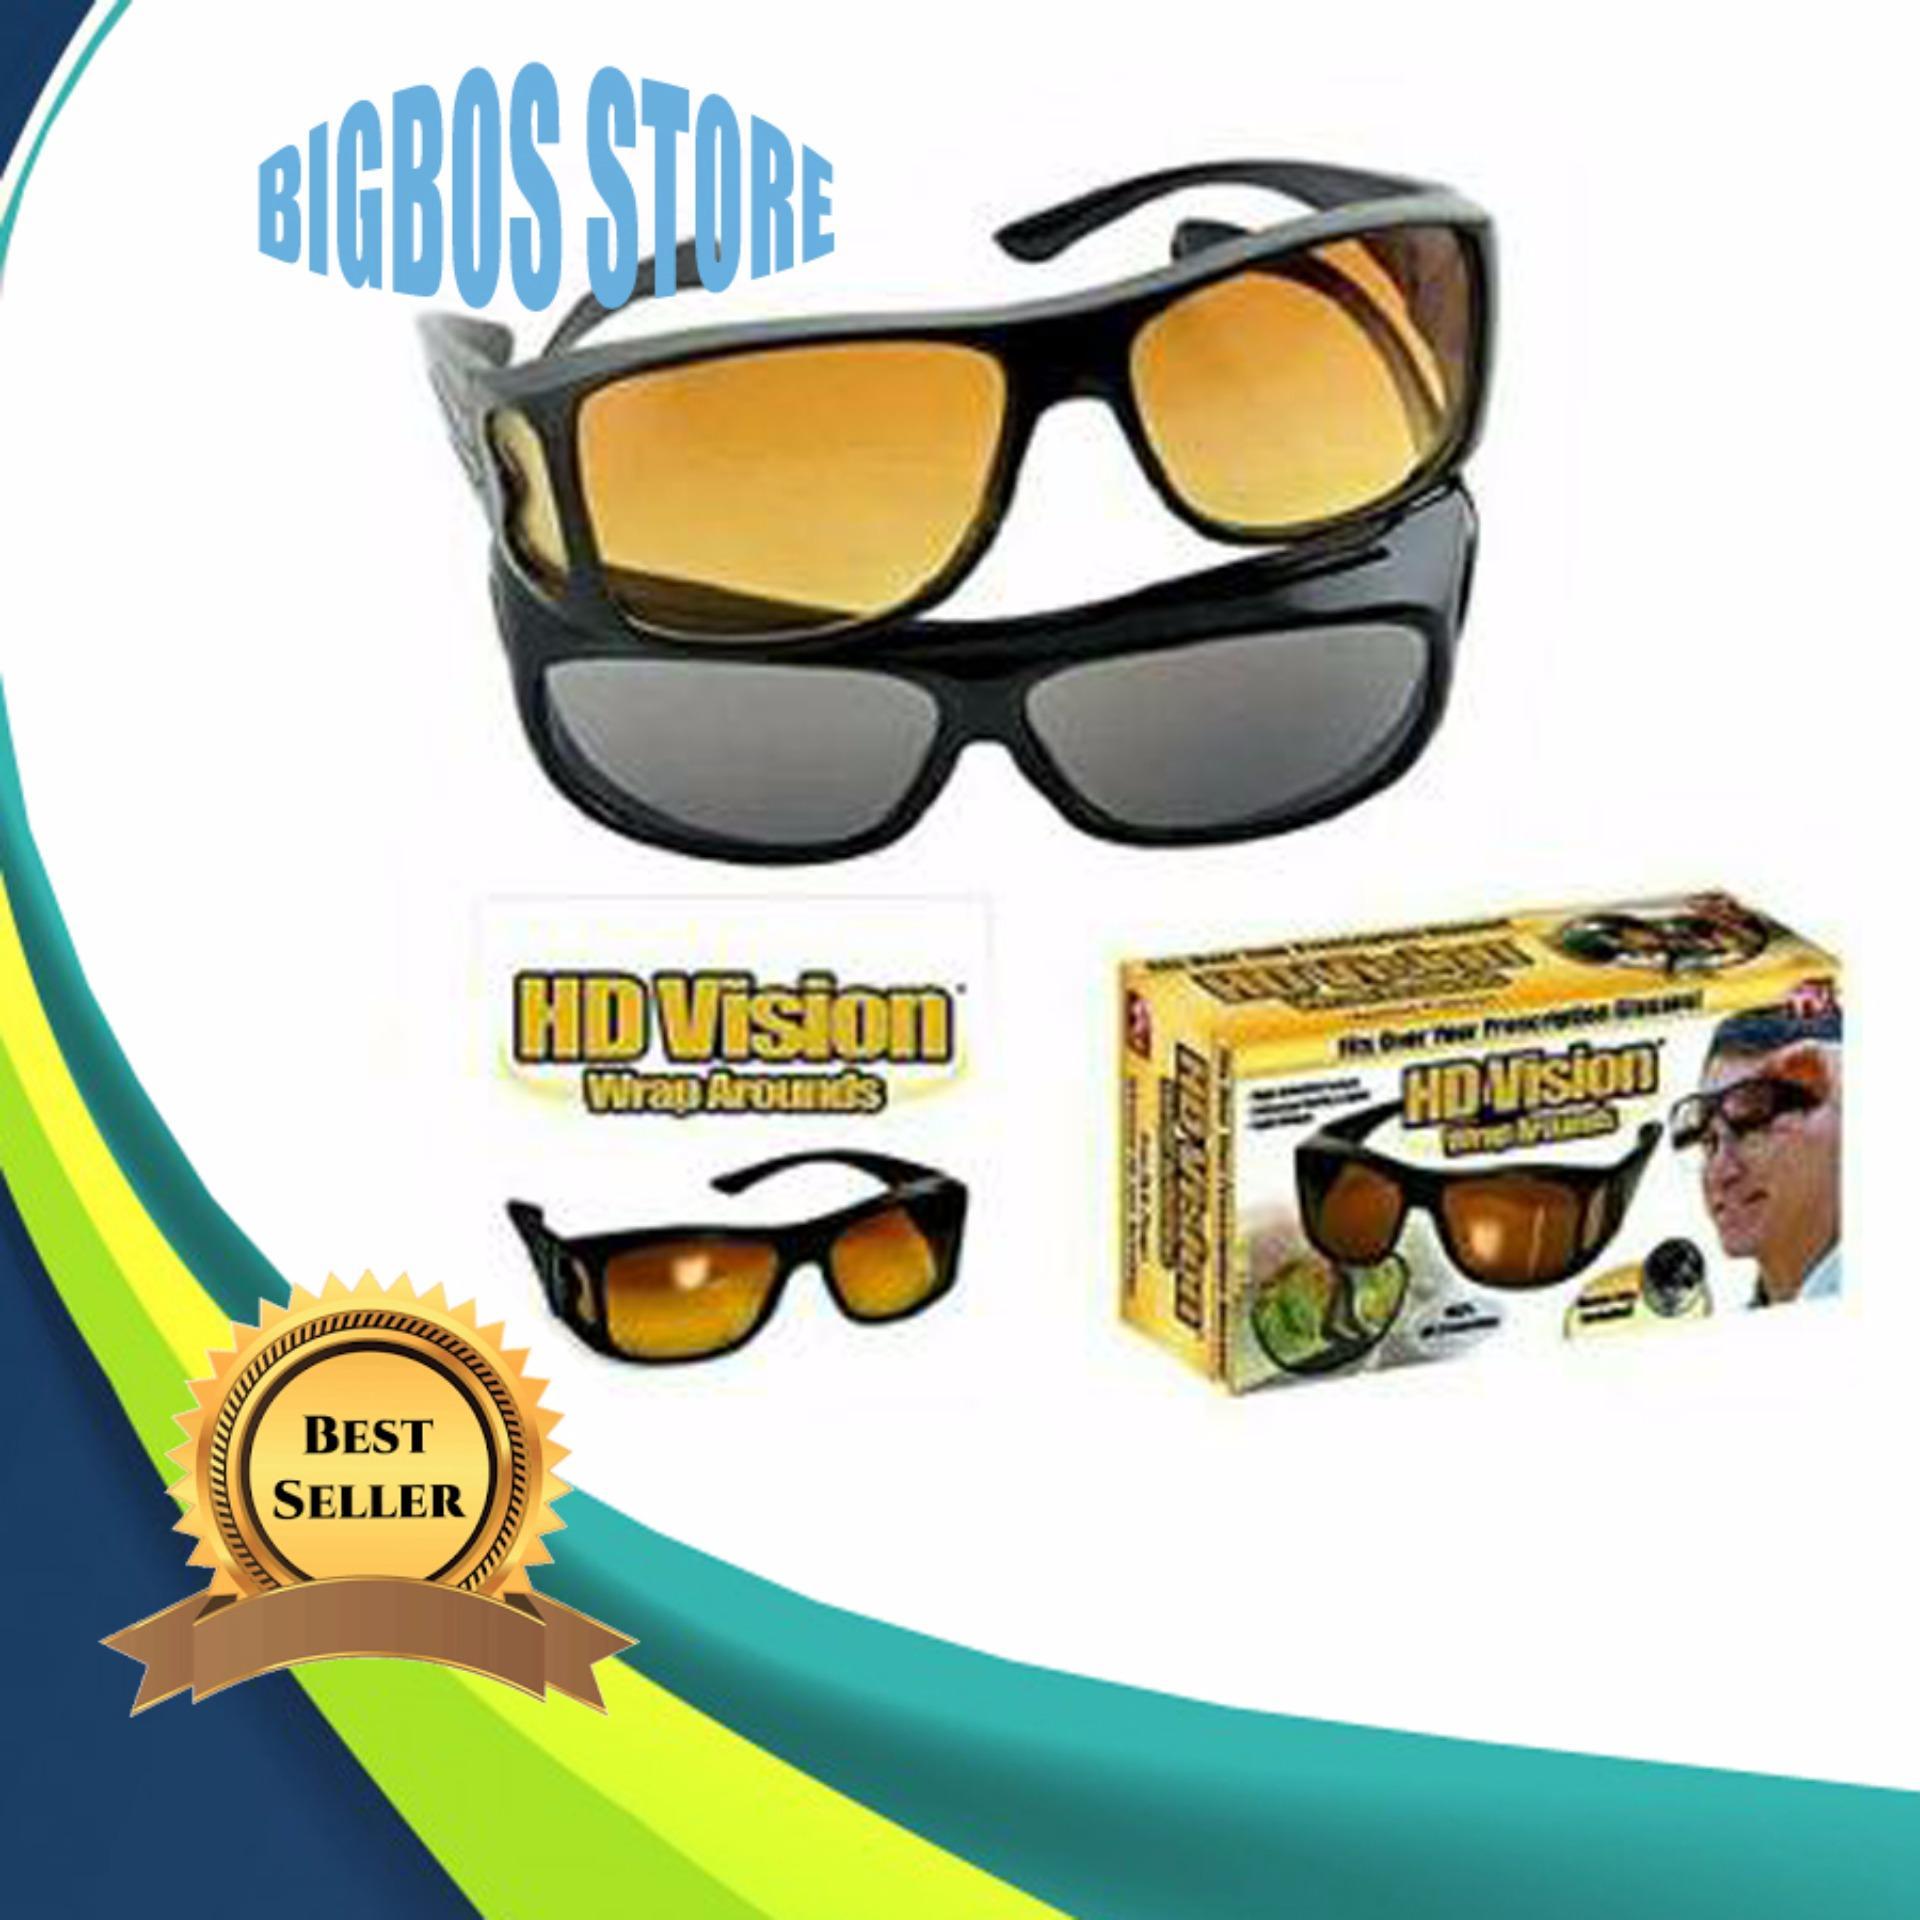 Bigbos Store Kacamata HD Vision Wrap Arounds isi 2 pcs Siang DanMalam